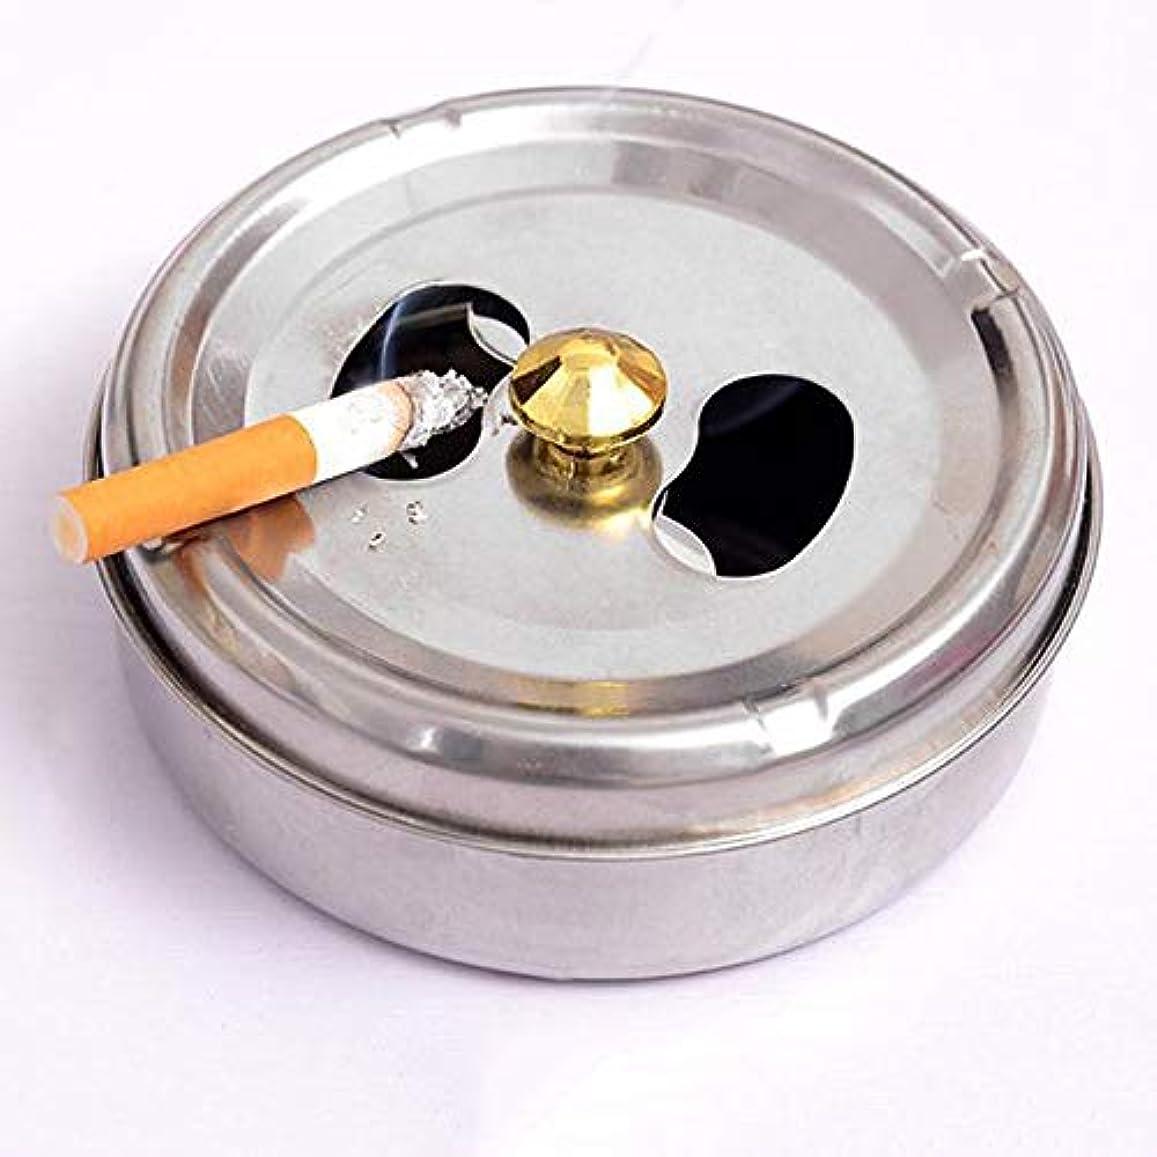 トレーニング特別にゲートウェイステンレス鋼ドラム形状現代防風無煙卓上灰皿シガーシガー灰ホルダー付き蓋カバー (Size : L)